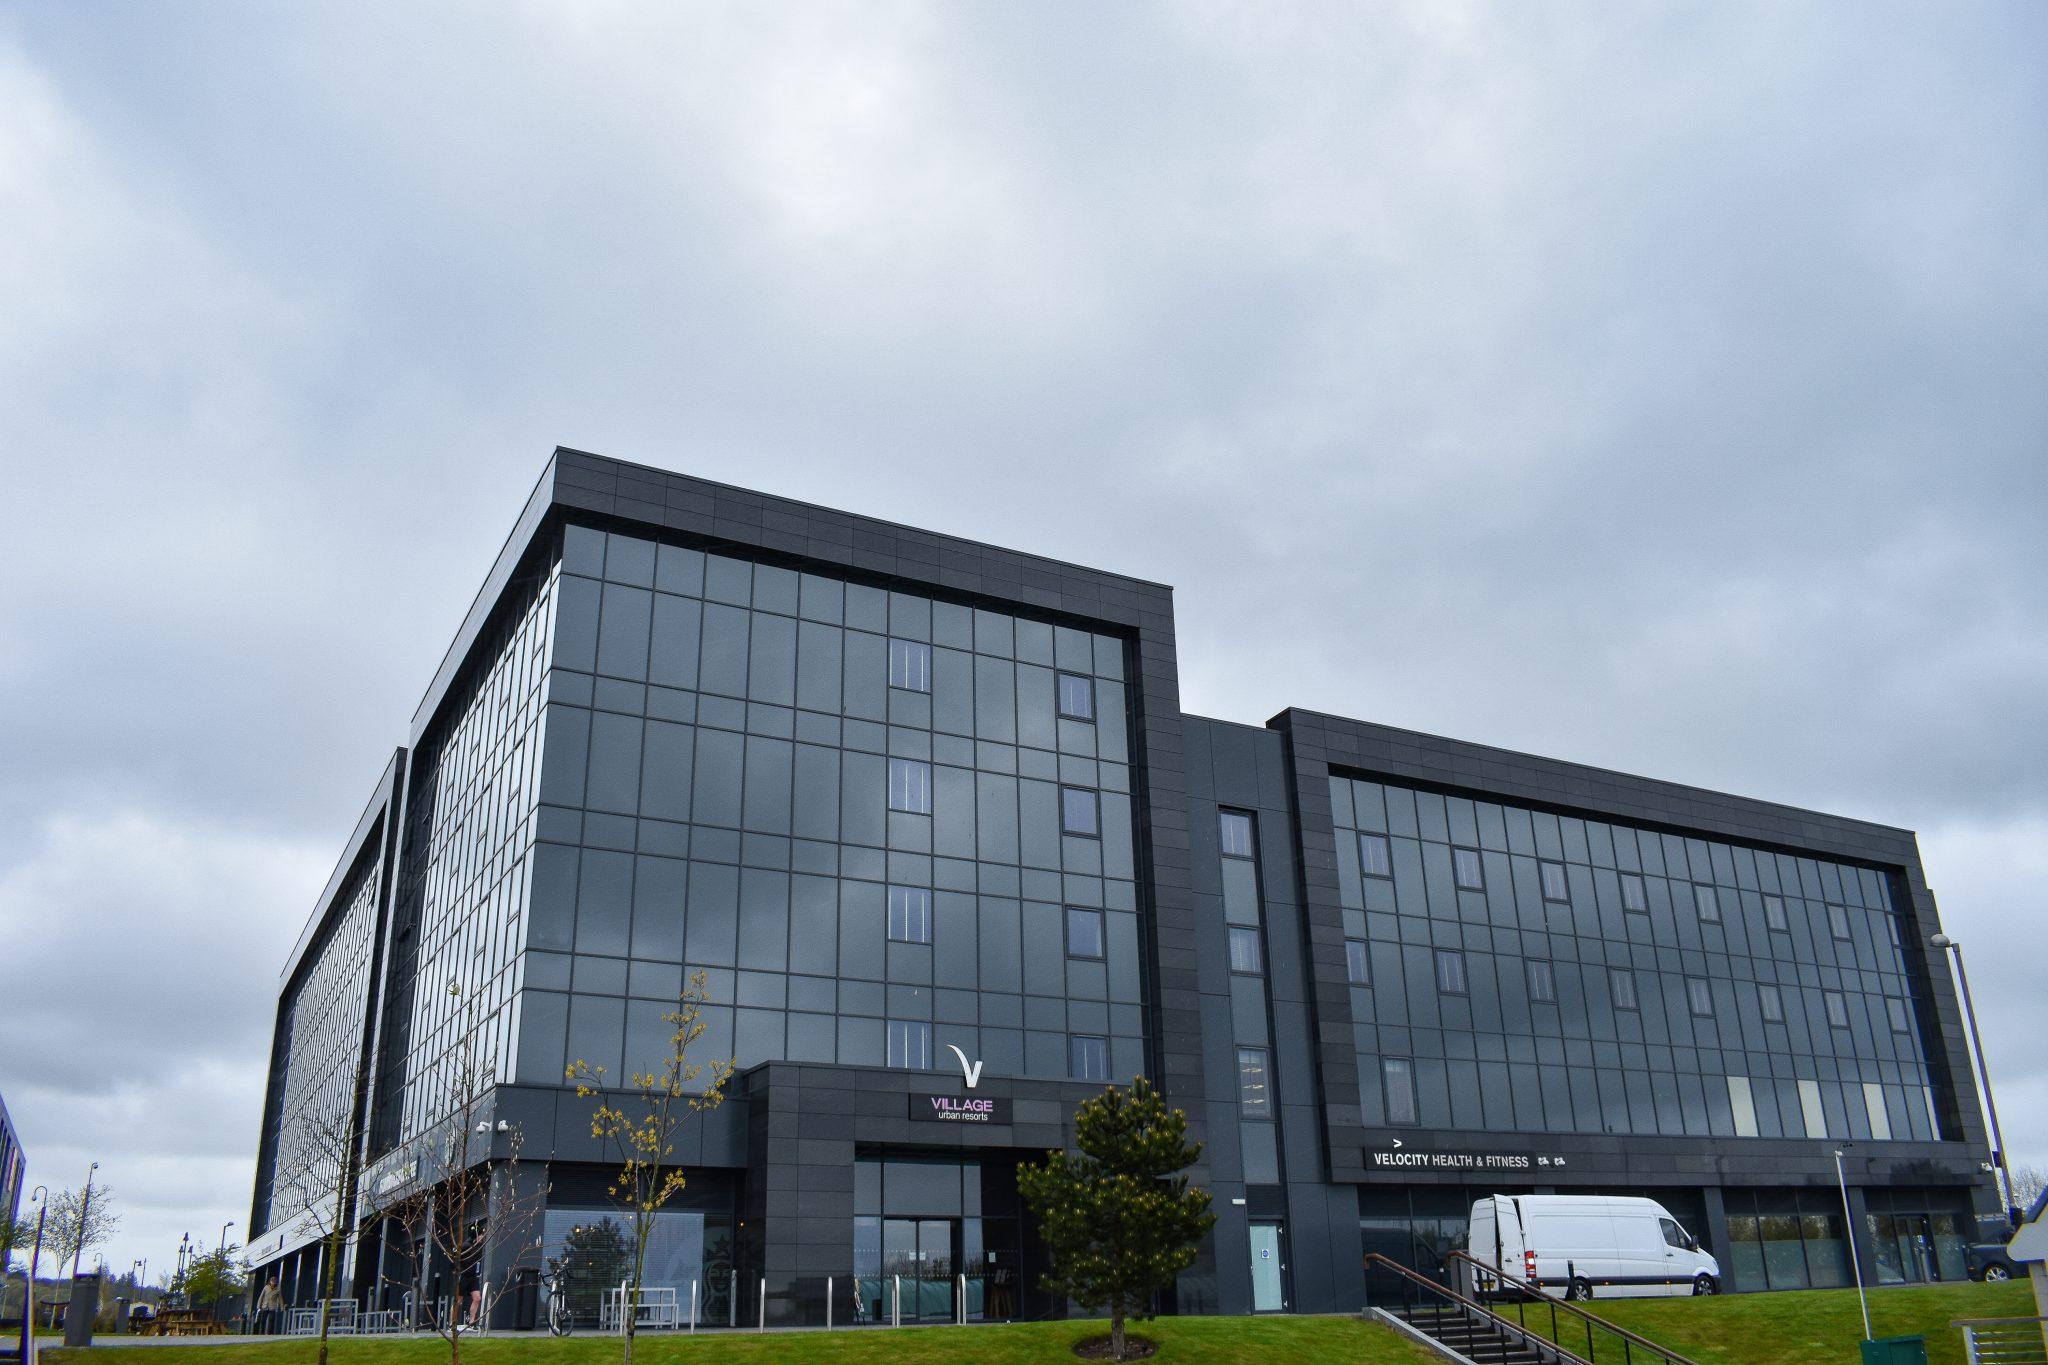 De Vere Hotel Aberdeen Granite